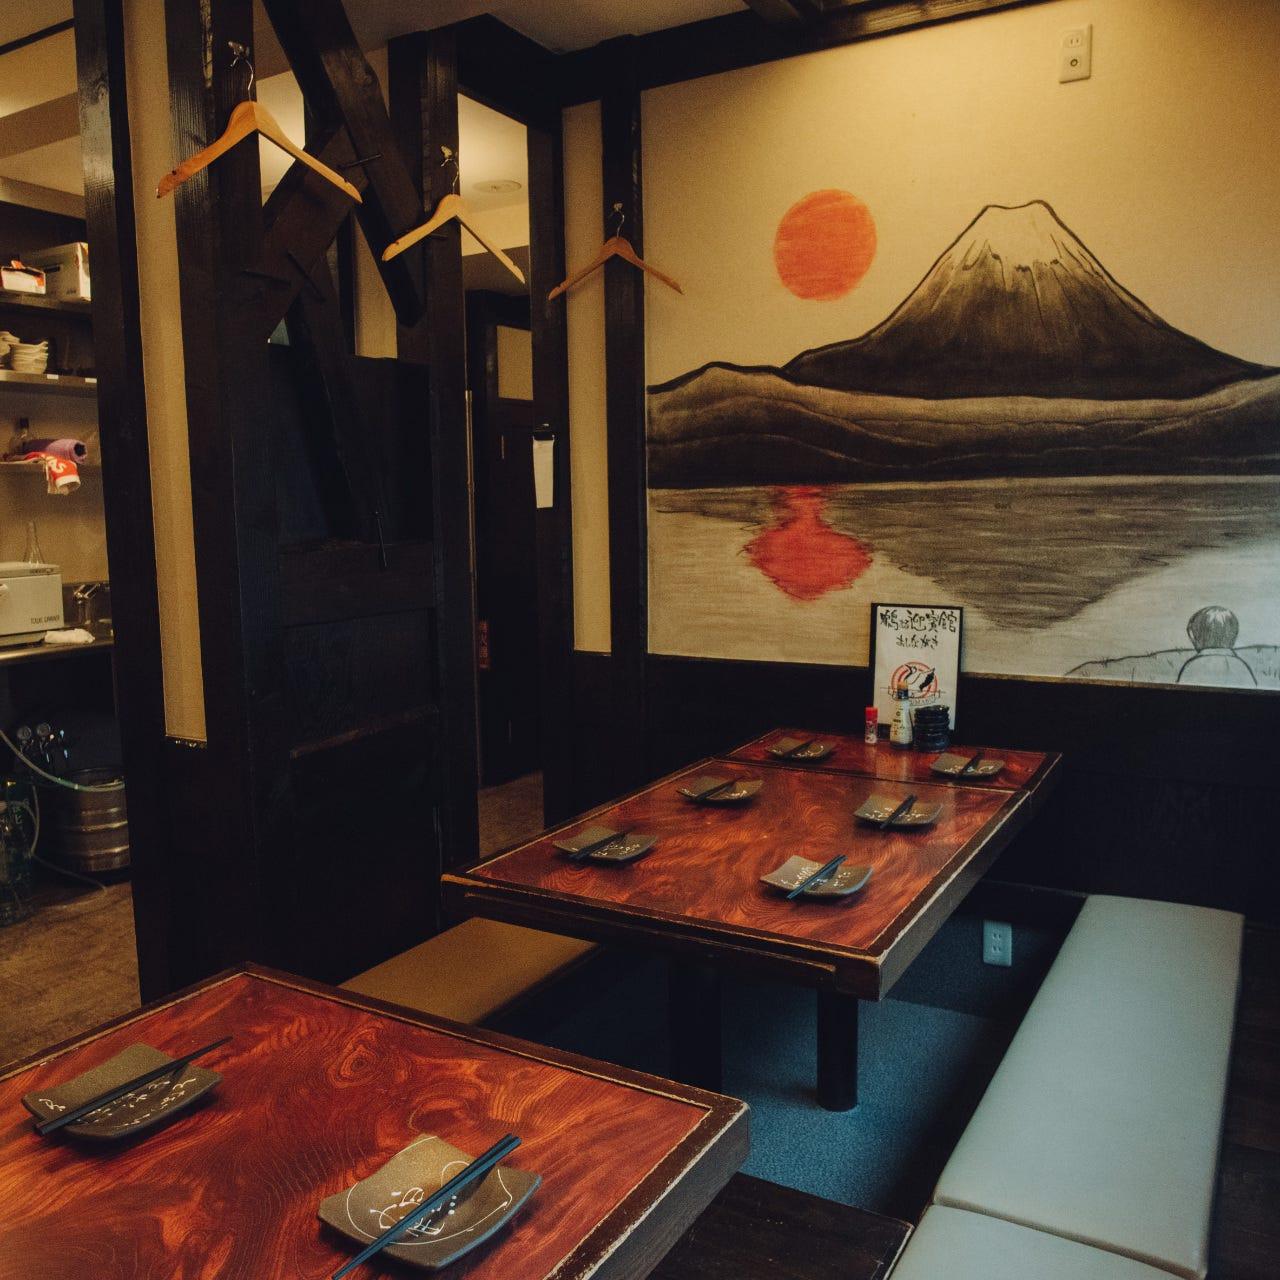 富士山が目印!おしゃれな展開で宴会